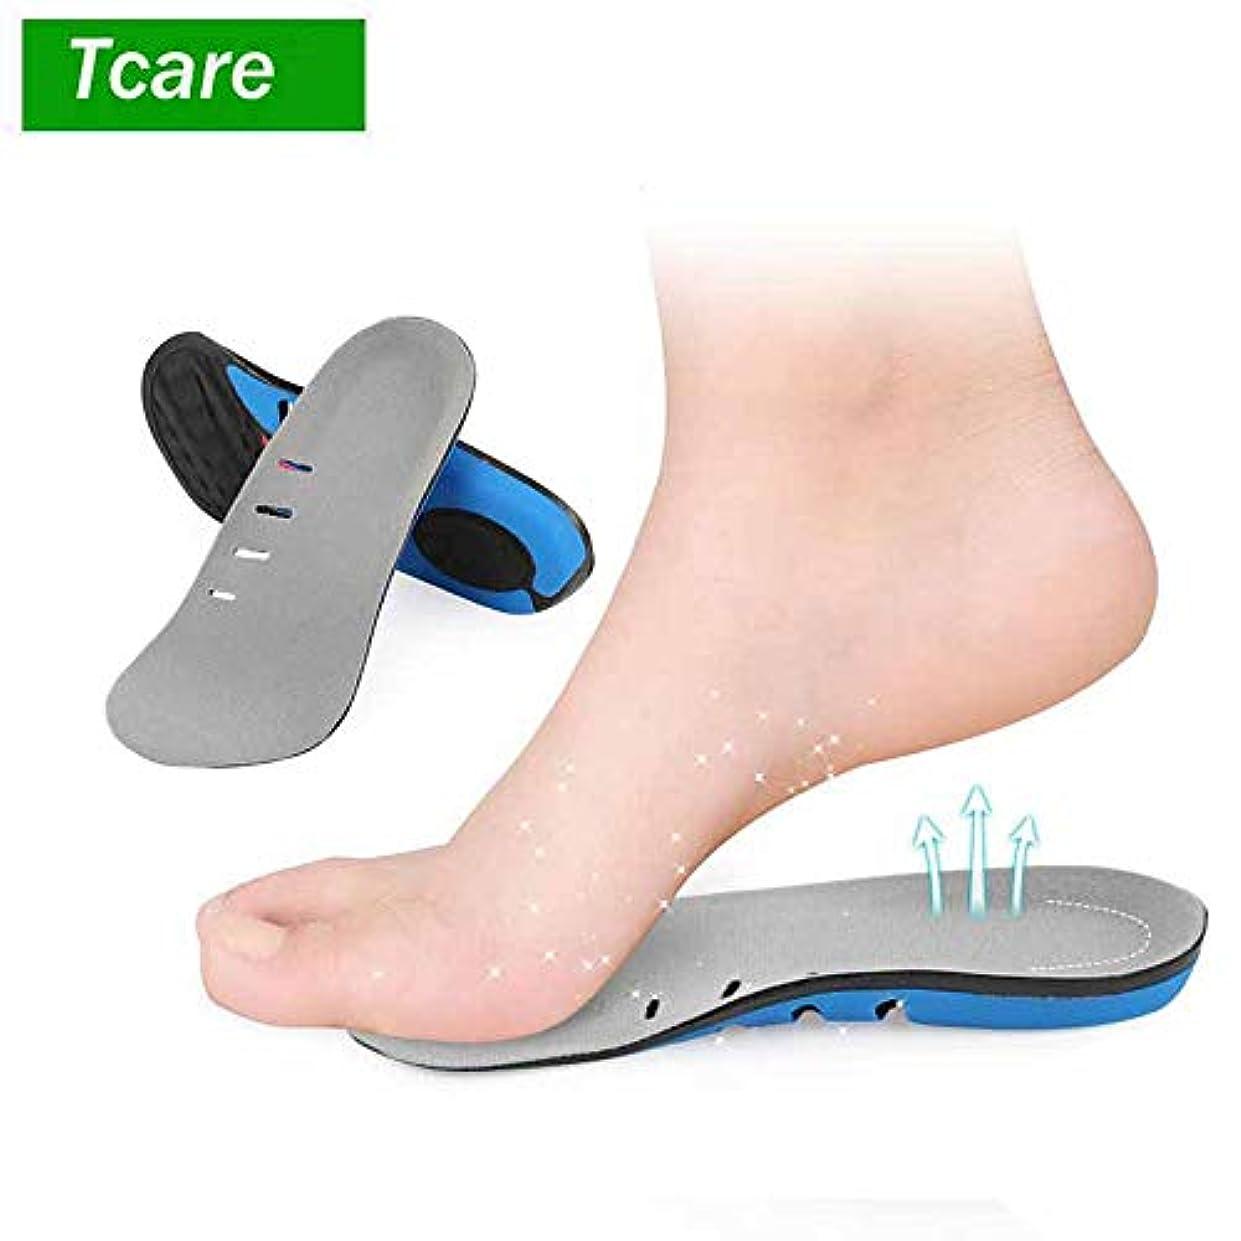 強化する差し控えるゆるく靴のマッサージシューズのインソールは、男性用/女性用の足底筋膜炎用インソール